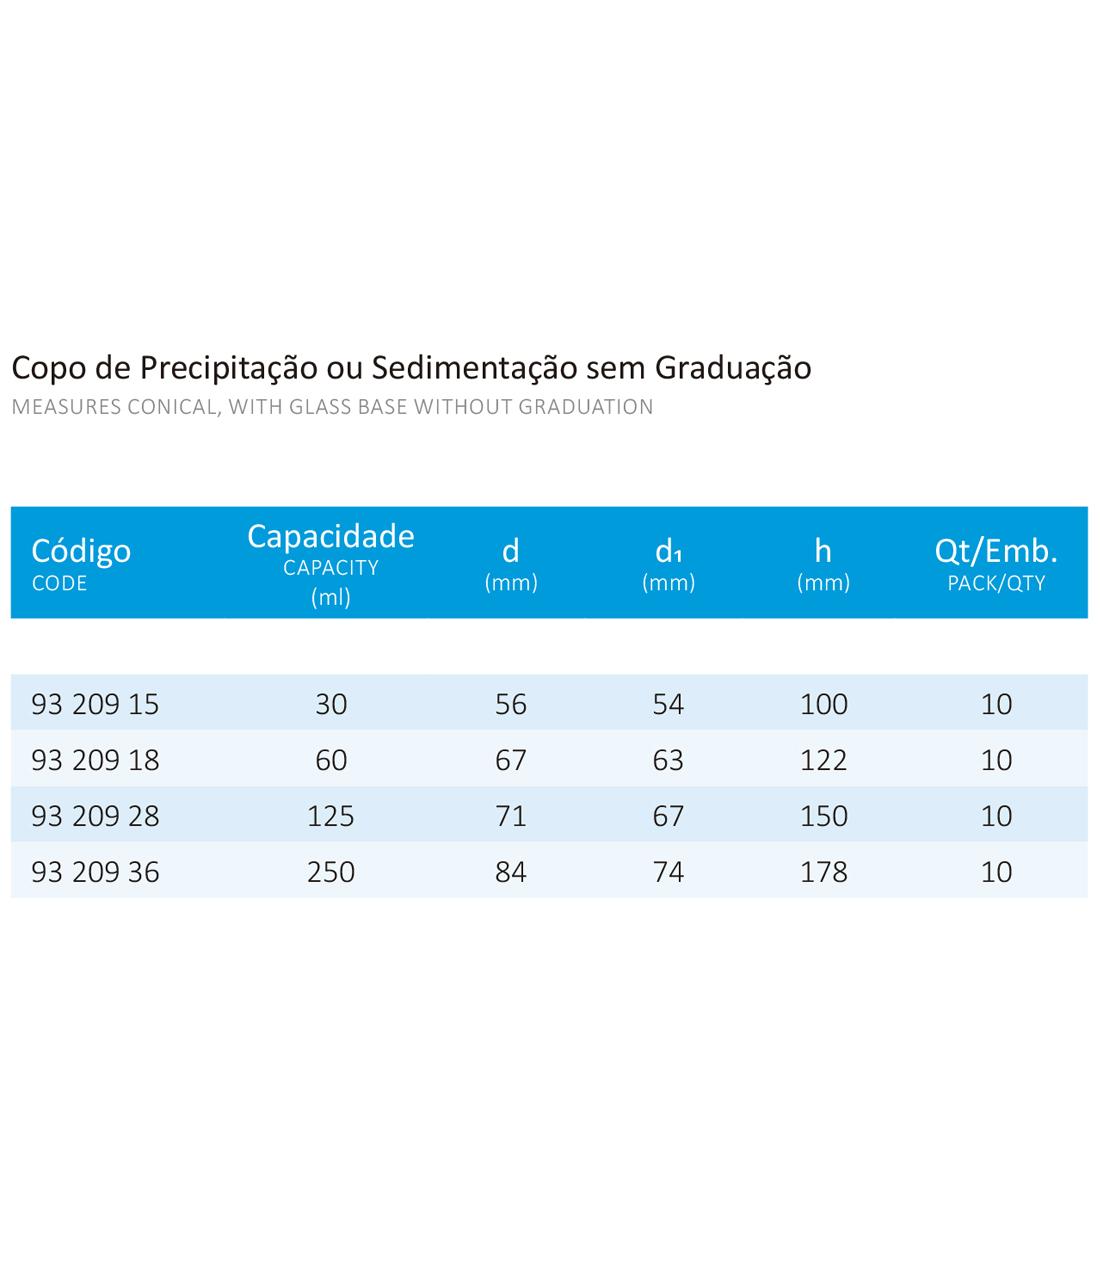 COPO DE PRECIPITACAO S/ GRADUACAO 30 ML - Laborglas - Cód. 9320915